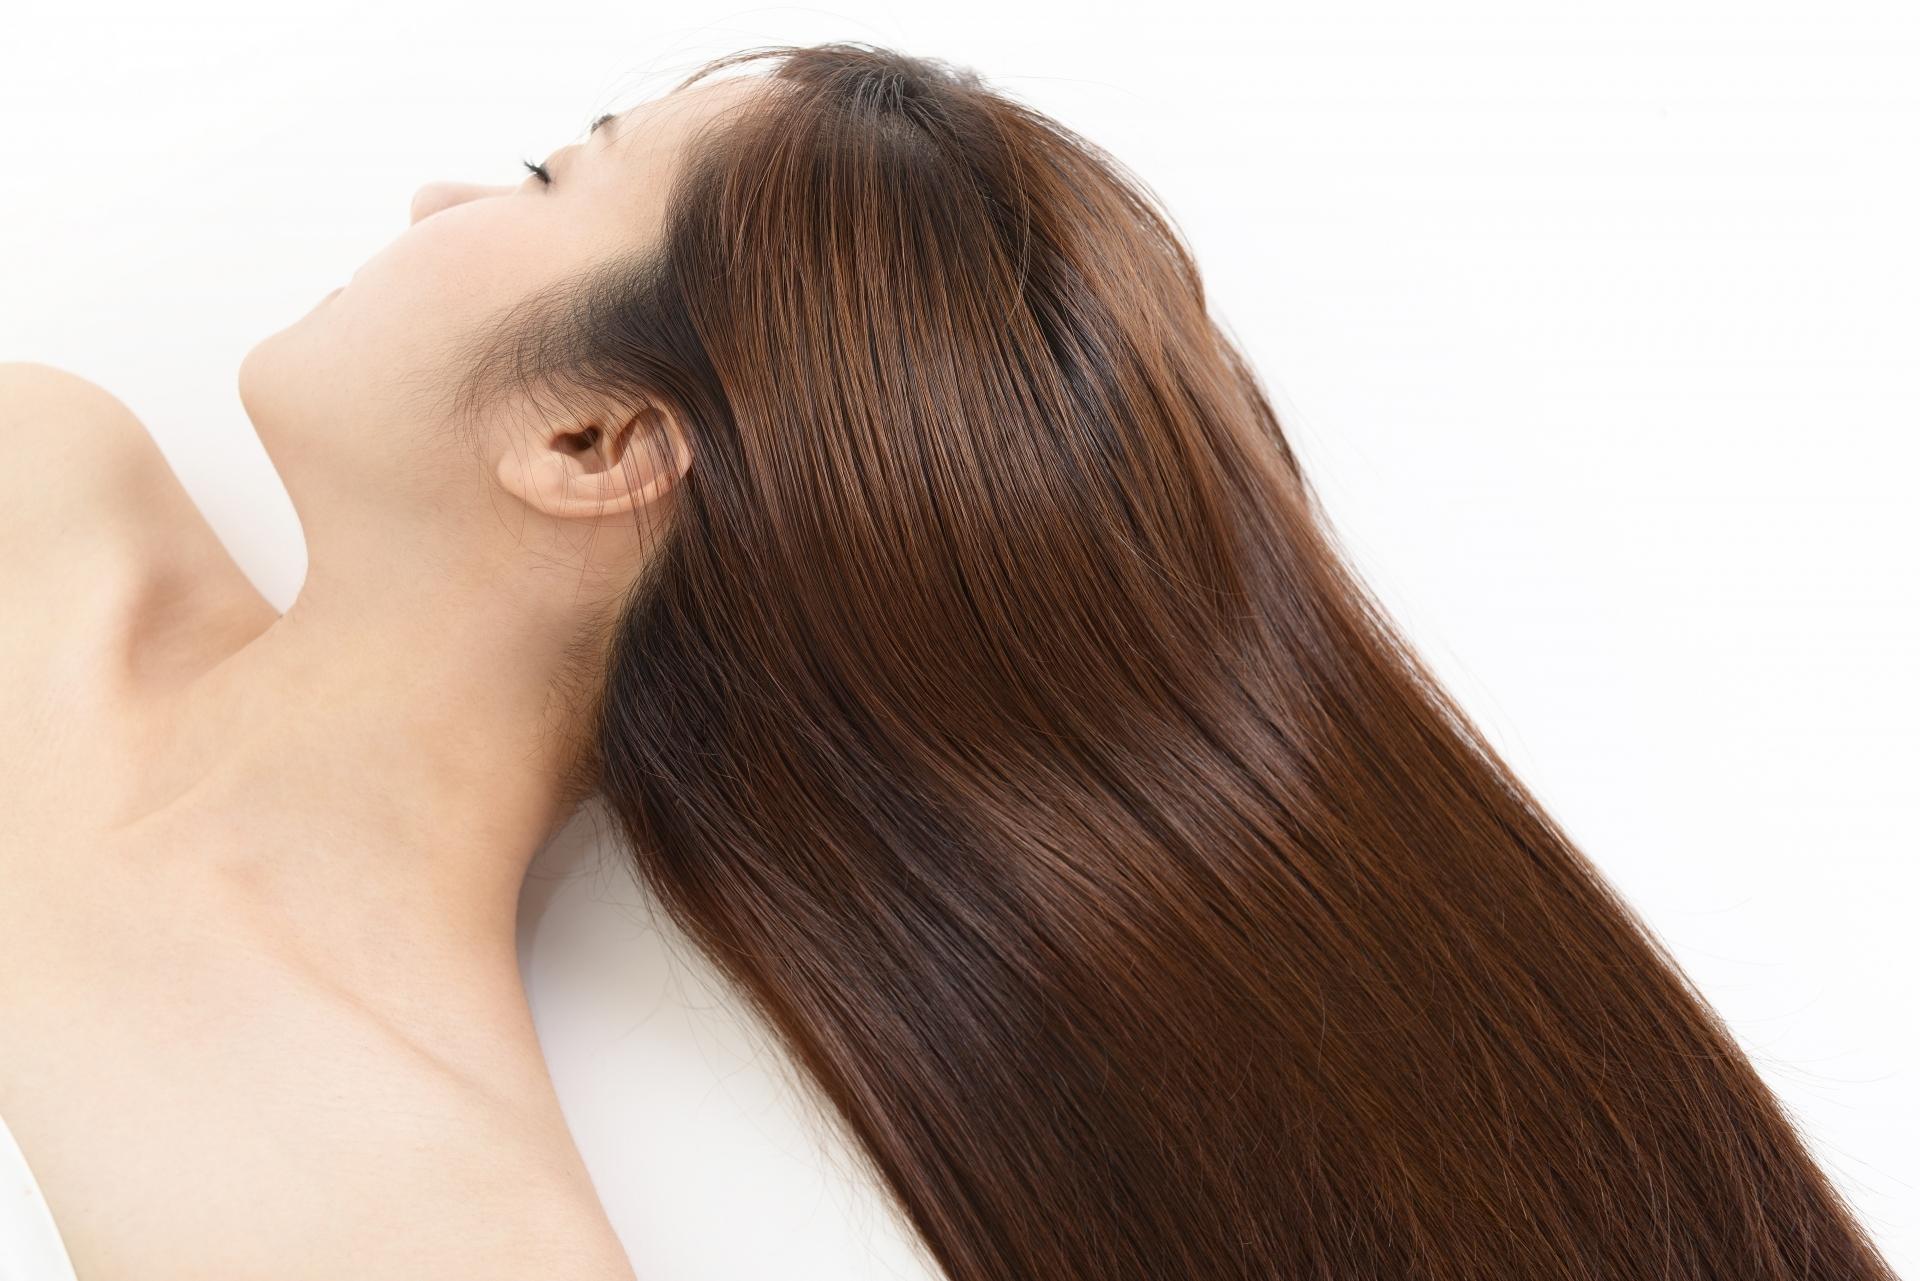 【クセ・パサつき・ハリがでない】髪の悩みに合わせて選べる2種類の髪質改善メニューでなりたい髪に!